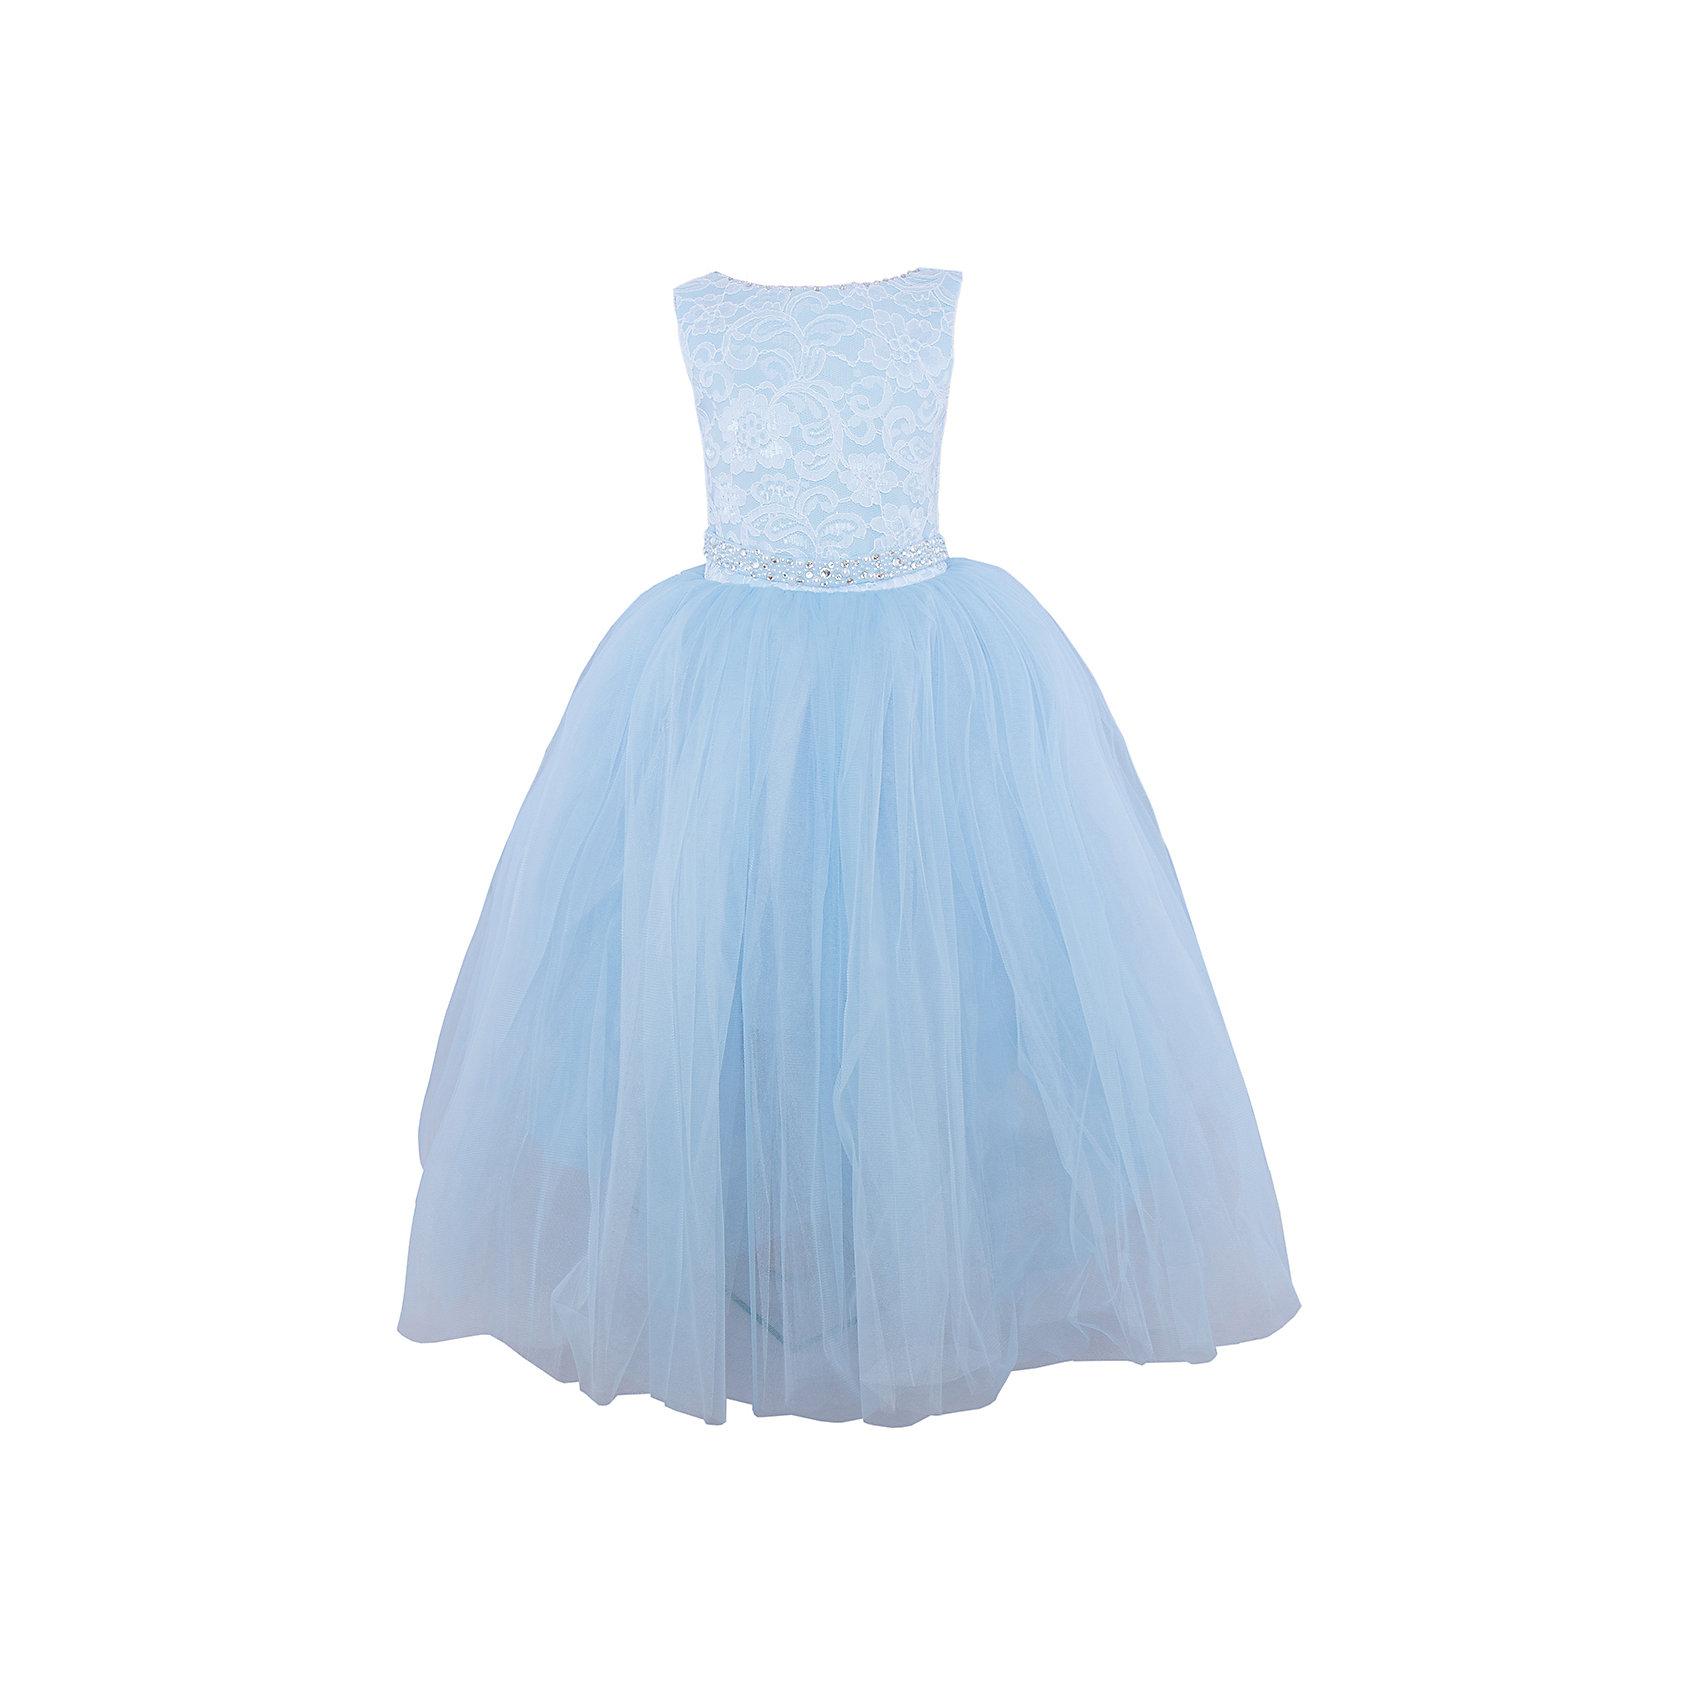 Платье нарядное ПрестижПлатье для девочки Престиж<br><br><br>Характеристики:<br><br>• длинное<br>• без рукавов<br>• цвет: голубой<br>• состав: 100% полиэстер<br><br>Роскошное платье для девочки Престиж отлично подойдет для прекрасного бала или торжества. Лиф на корсете можно утянуть при необходимости. Пышный низ платья дополнен элегантным верхом с кружевом и вышивкой. Кроме того, лиф декорирован бусами и стразами. Пояс на платье завязывается сзади. В таком платье девочка станет самой прекрасной дамой на празднике!<br><br>Платье регулируется шнуровкой сзади, от талии до верха спинки. Шнуровка в комплекте.<br>Платье подходит для занятий бальными танцами.<br><br>Вы можете купить платье для девочки Престиж в нашем интернет-магазине.<br><br>Ширина мм: 236<br>Глубина мм: 16<br>Высота мм: 184<br>Вес г: 177<br>Цвет: голубой<br>Возраст от месяцев: 96<br>Возраст до месяцев: 108<br>Пол: Женский<br>Возраст: Детский<br>Размер: 122,116,128<br>SKU: 5158314